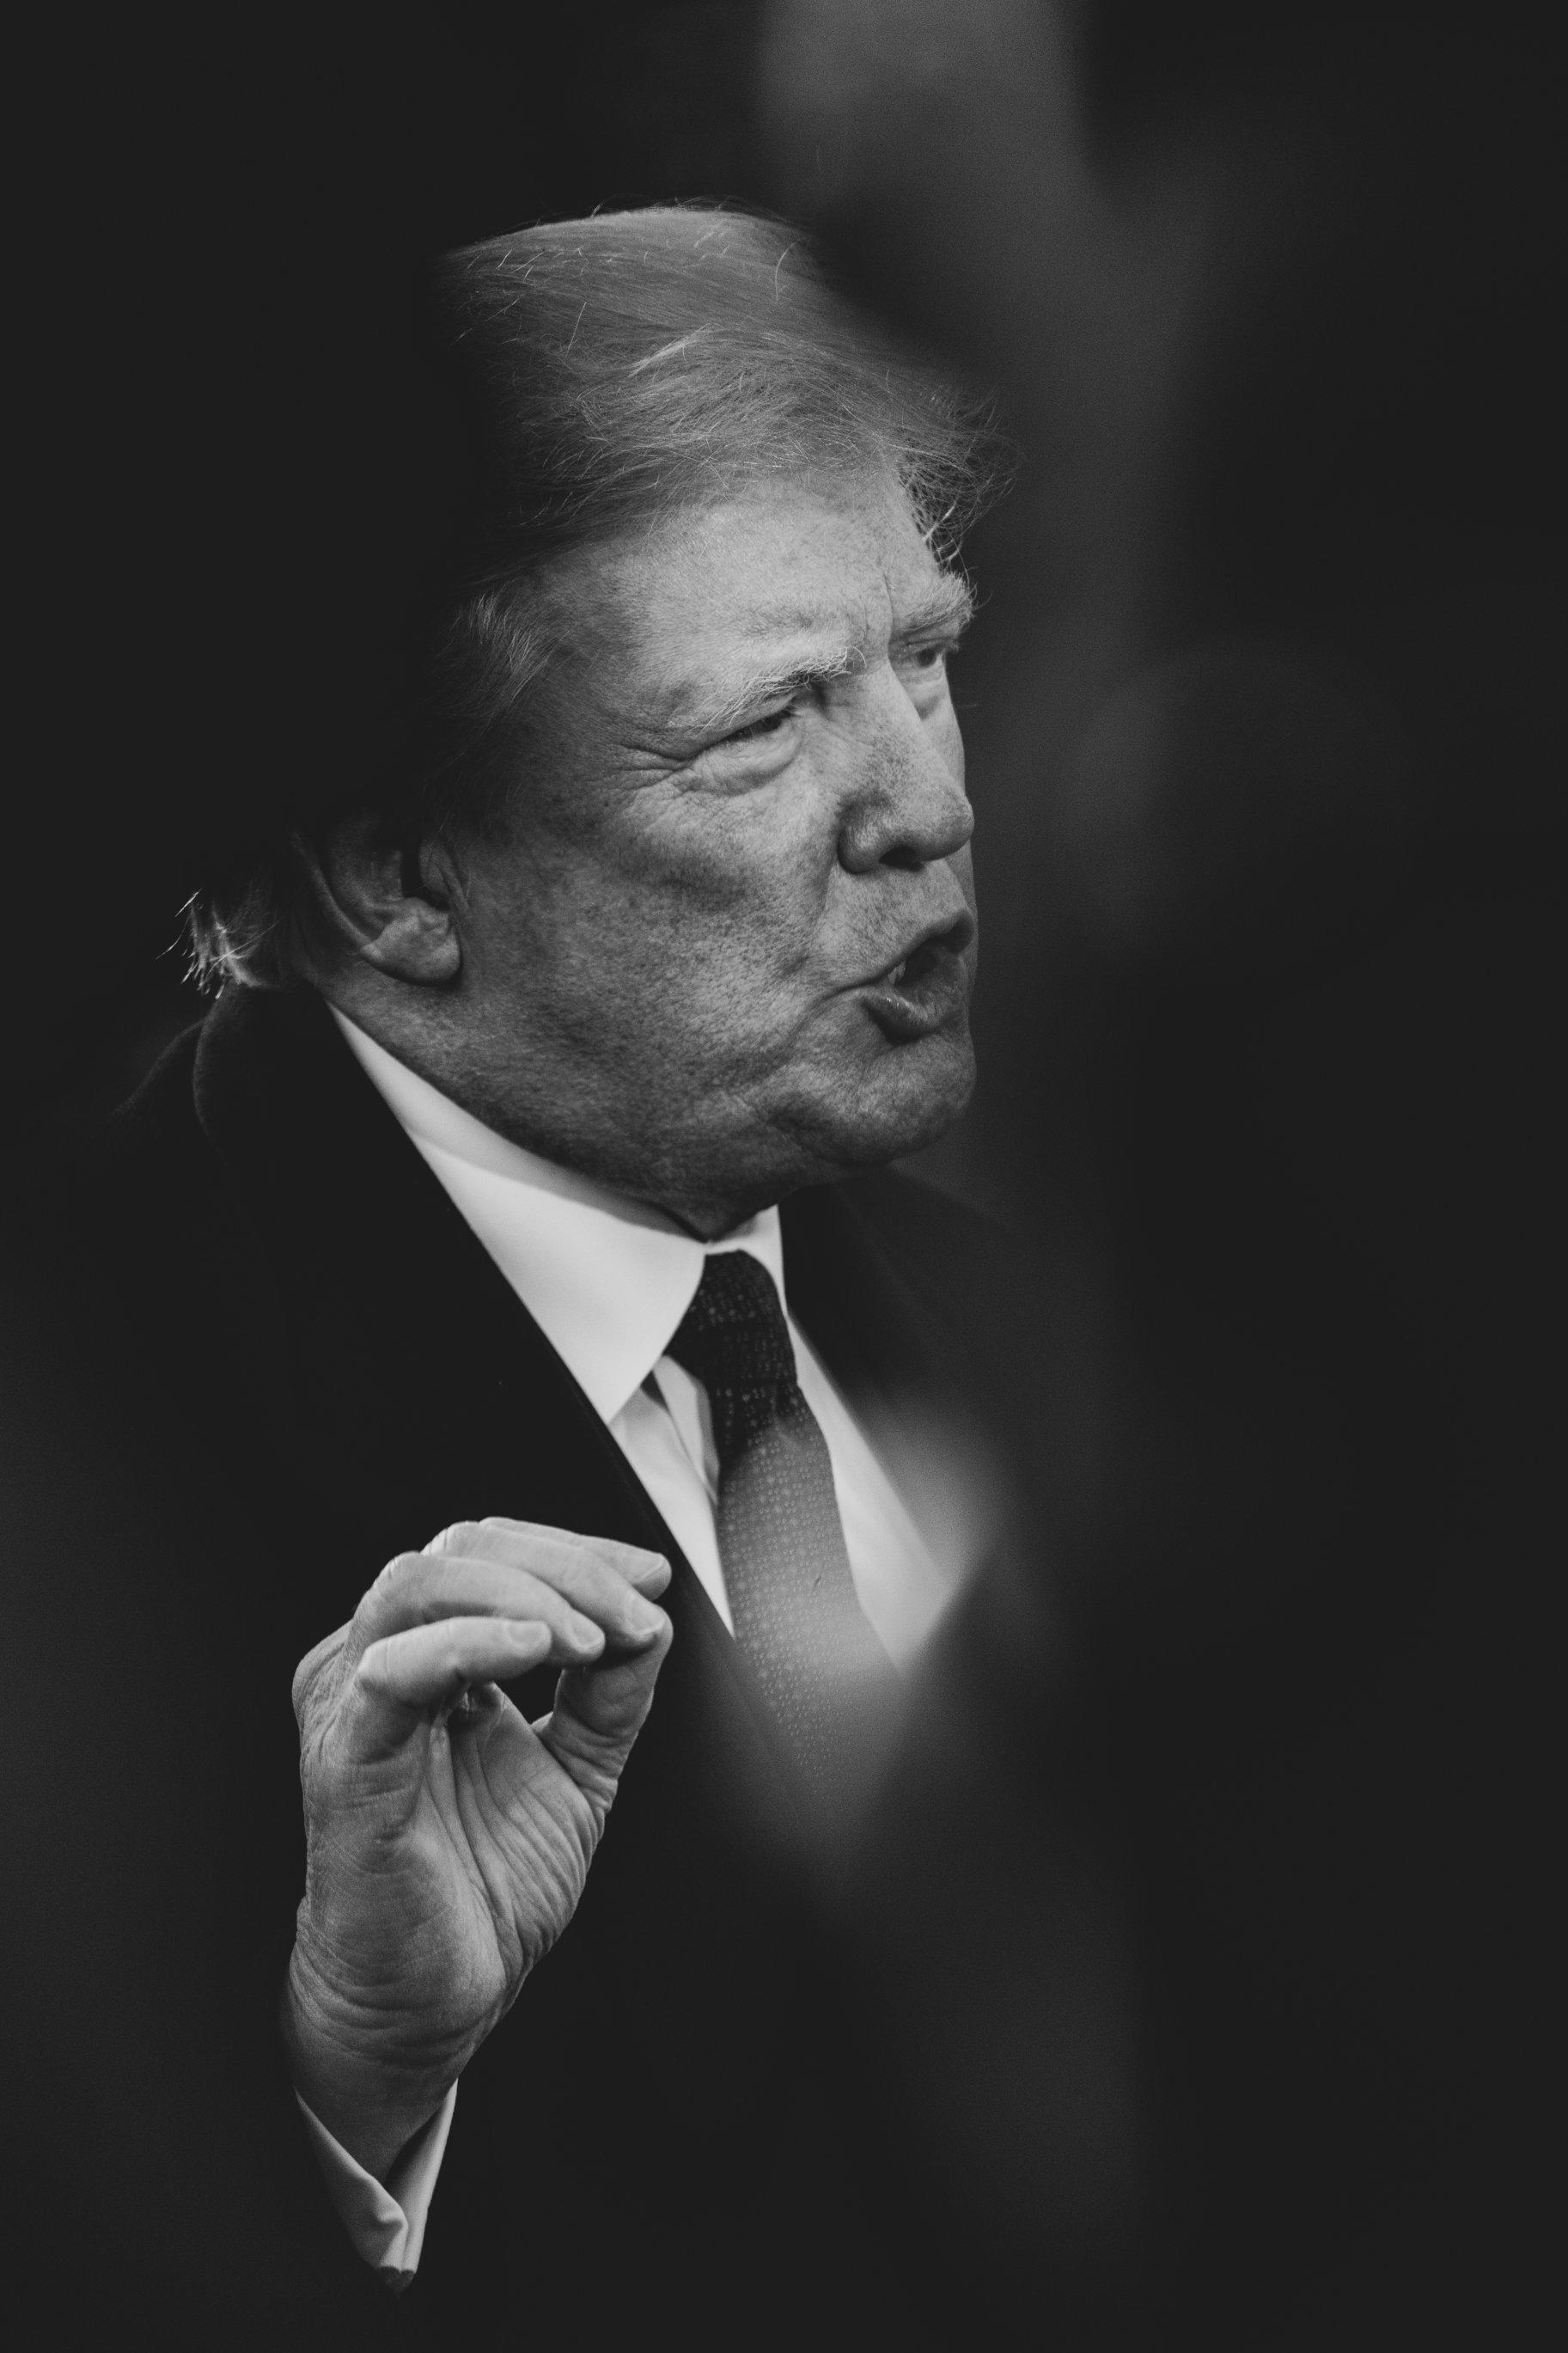 트럼프가 이민 관련 판결을 두고 연방대법원장을